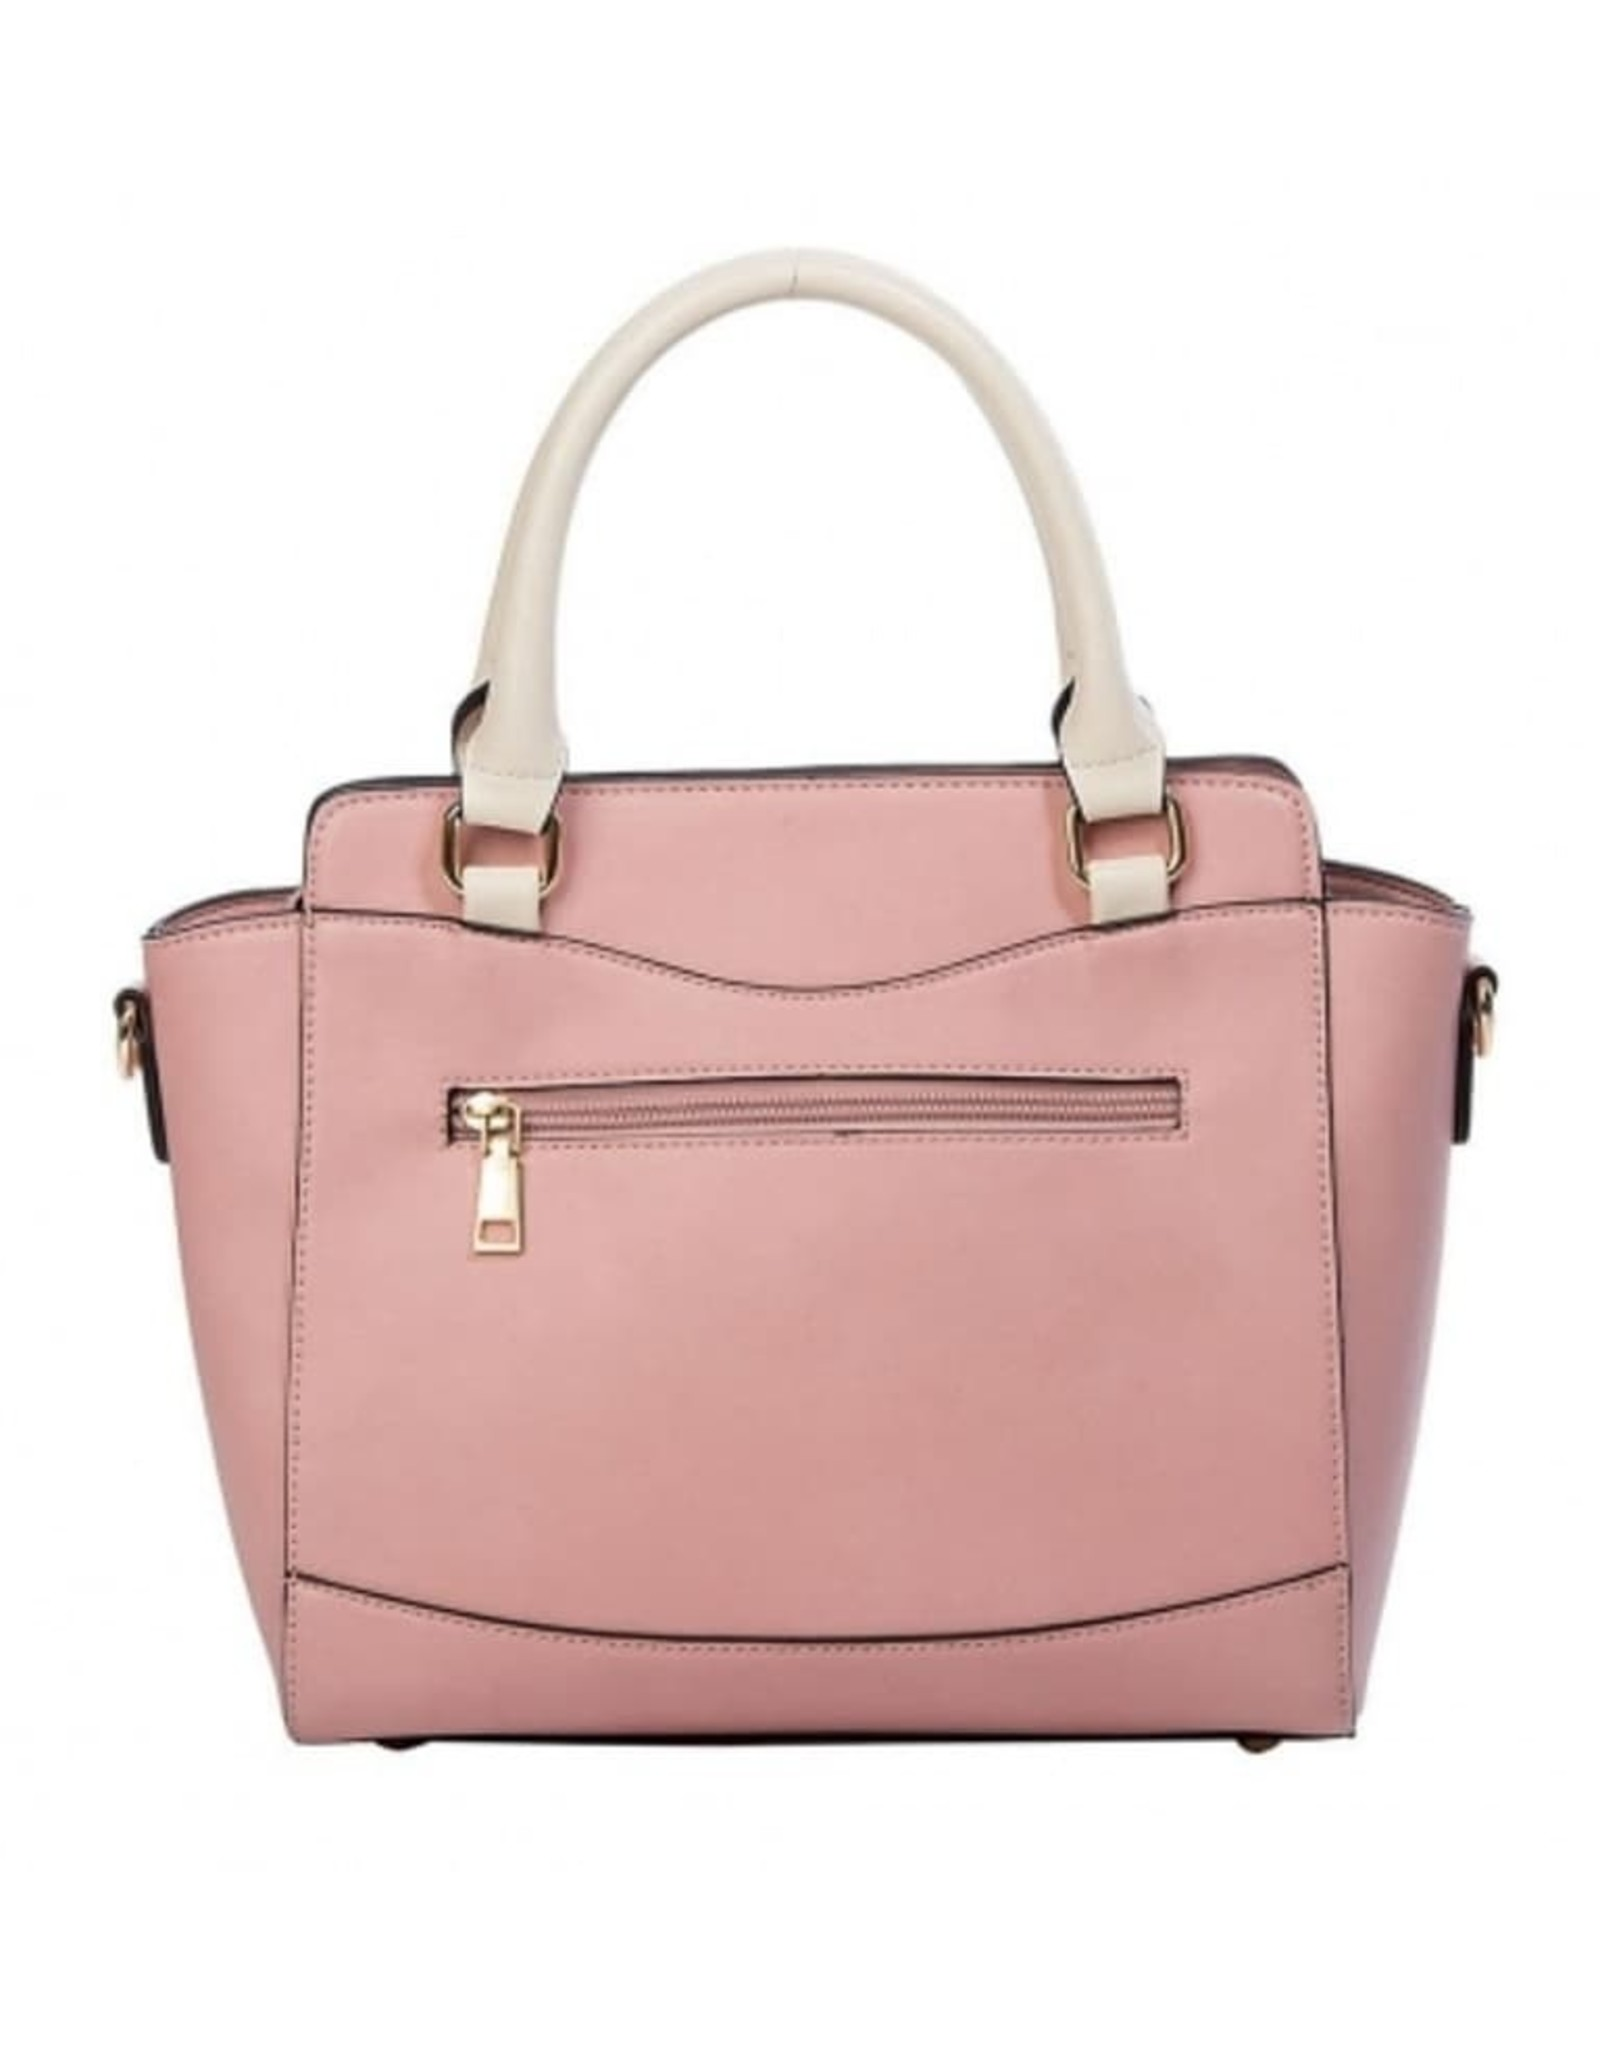 Banned Retro tassen Vintage tassen - Banned Retro handtas Flamingo (rose)